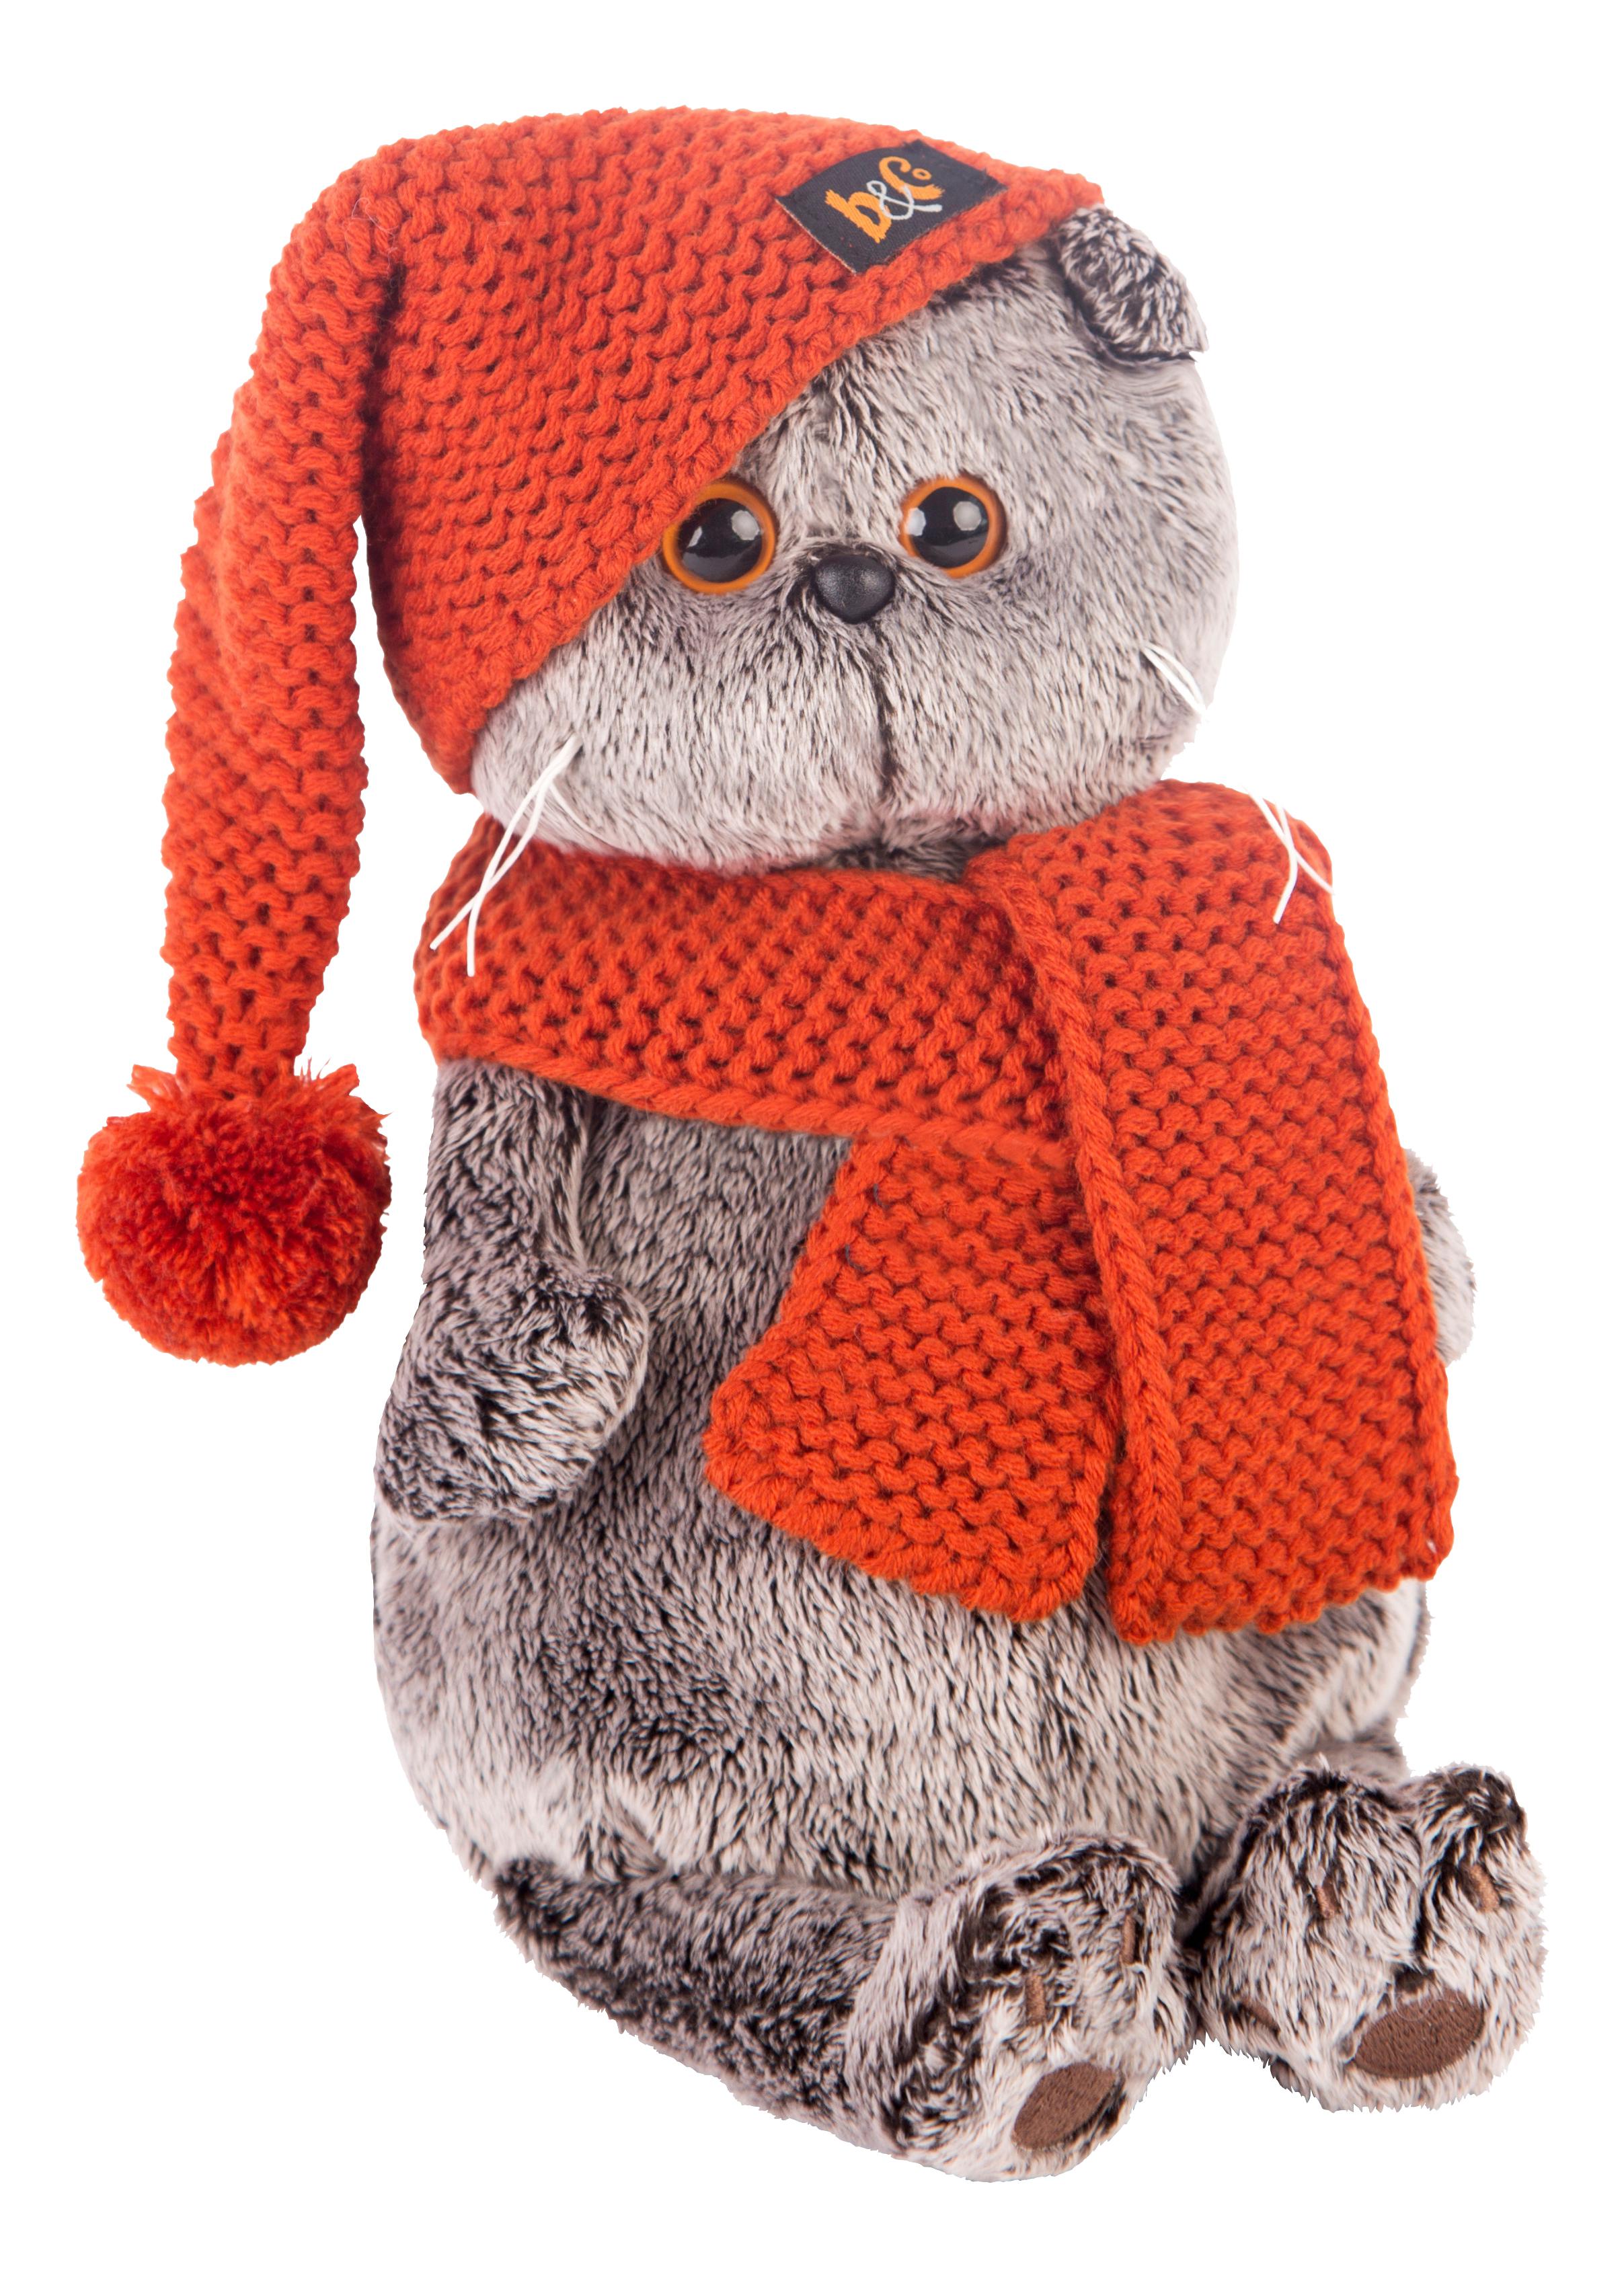 Купить Кот Басик в вязаной шапке и шарфе 19 см, Мягкая игрушка BUDI BASA Ks19-075 Басик в Вязаной Шапке и Шарфе, 19 см,